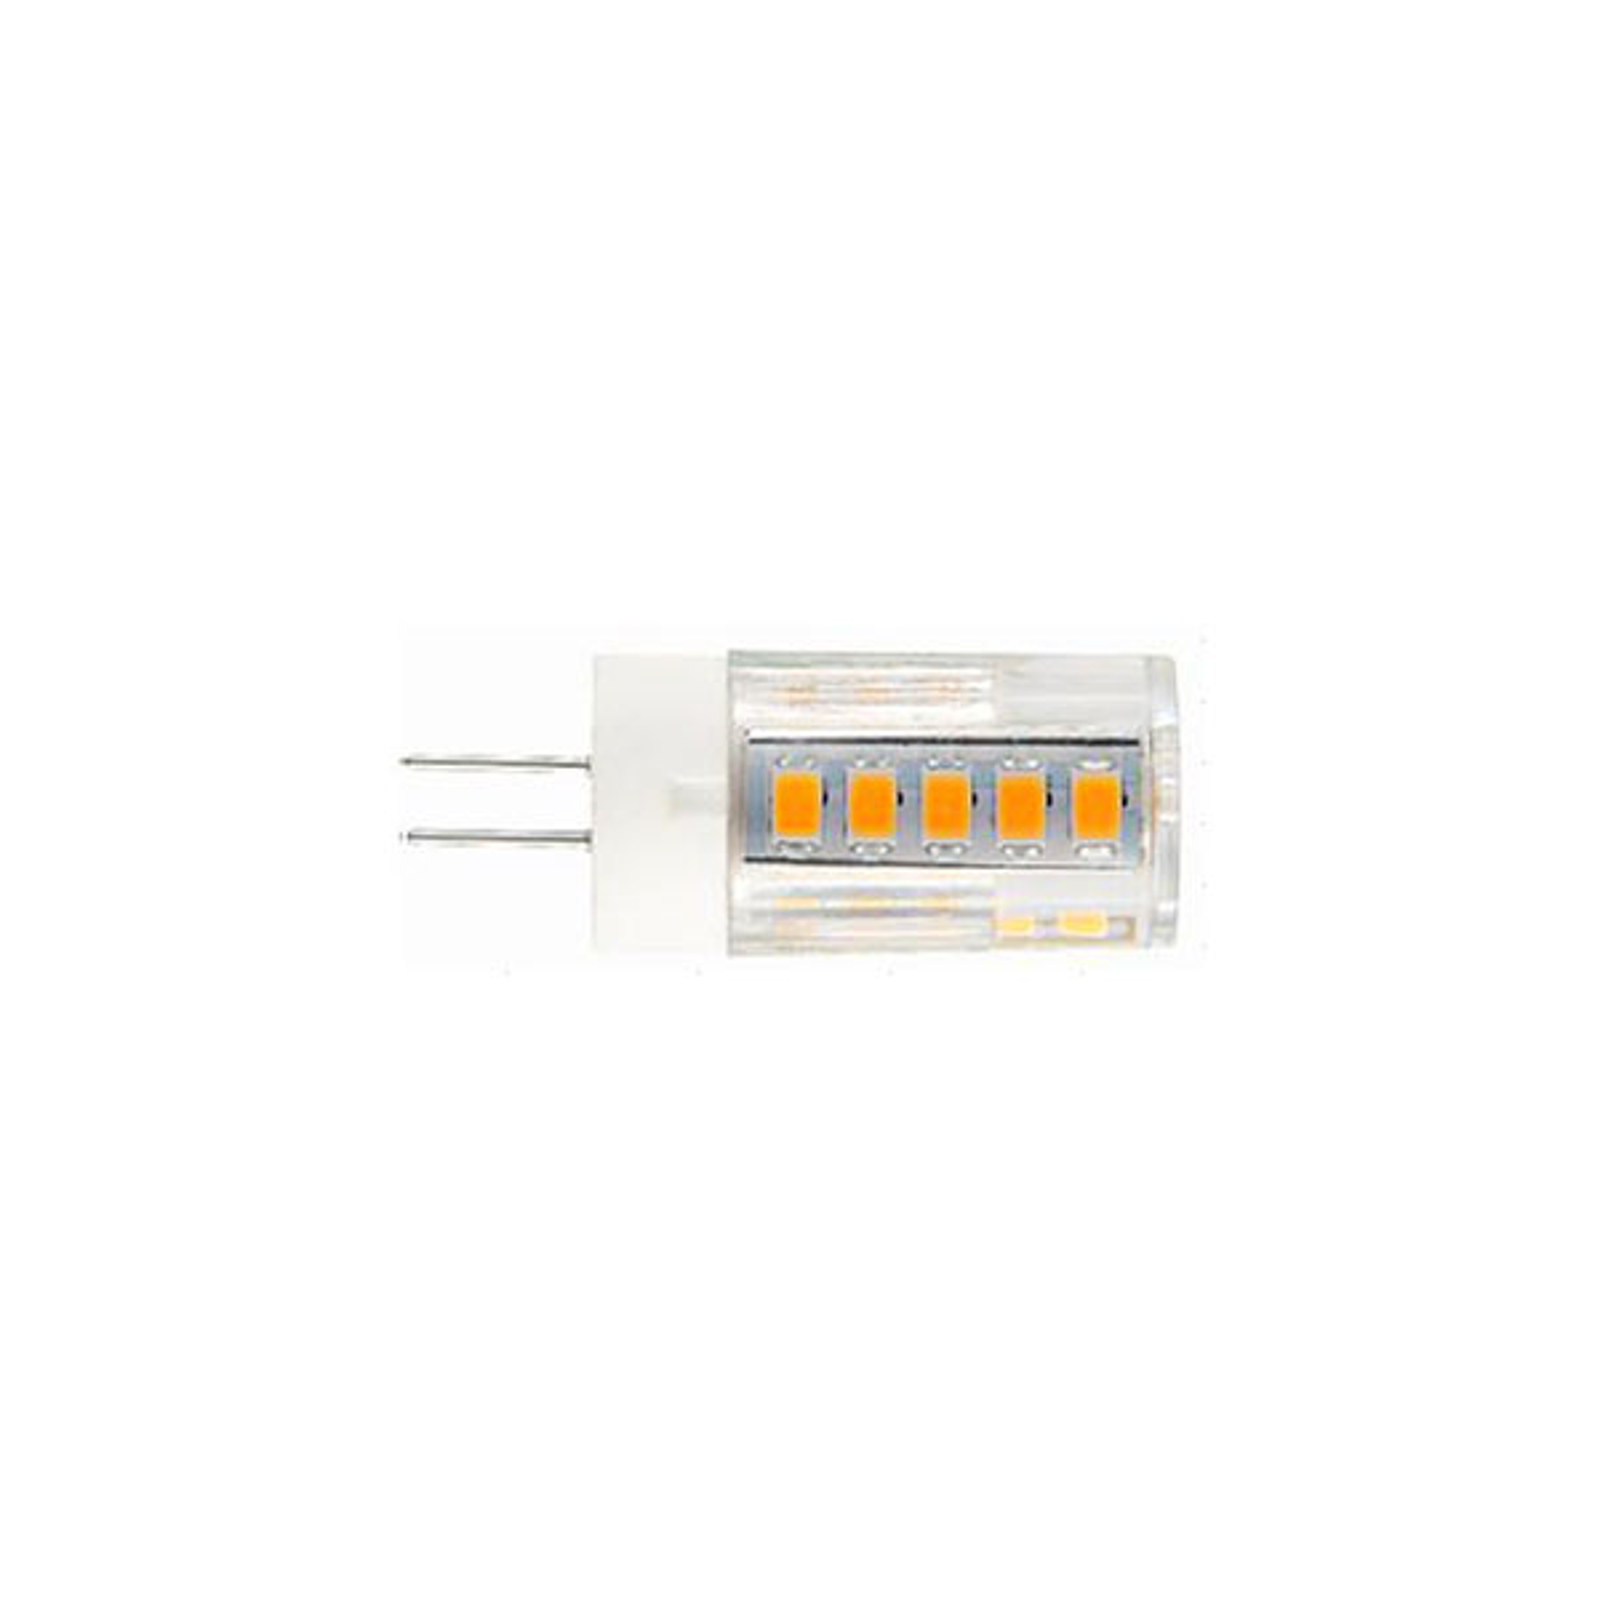 Żarówka sztyft LED G4 2,5W ciepła biel 250lm